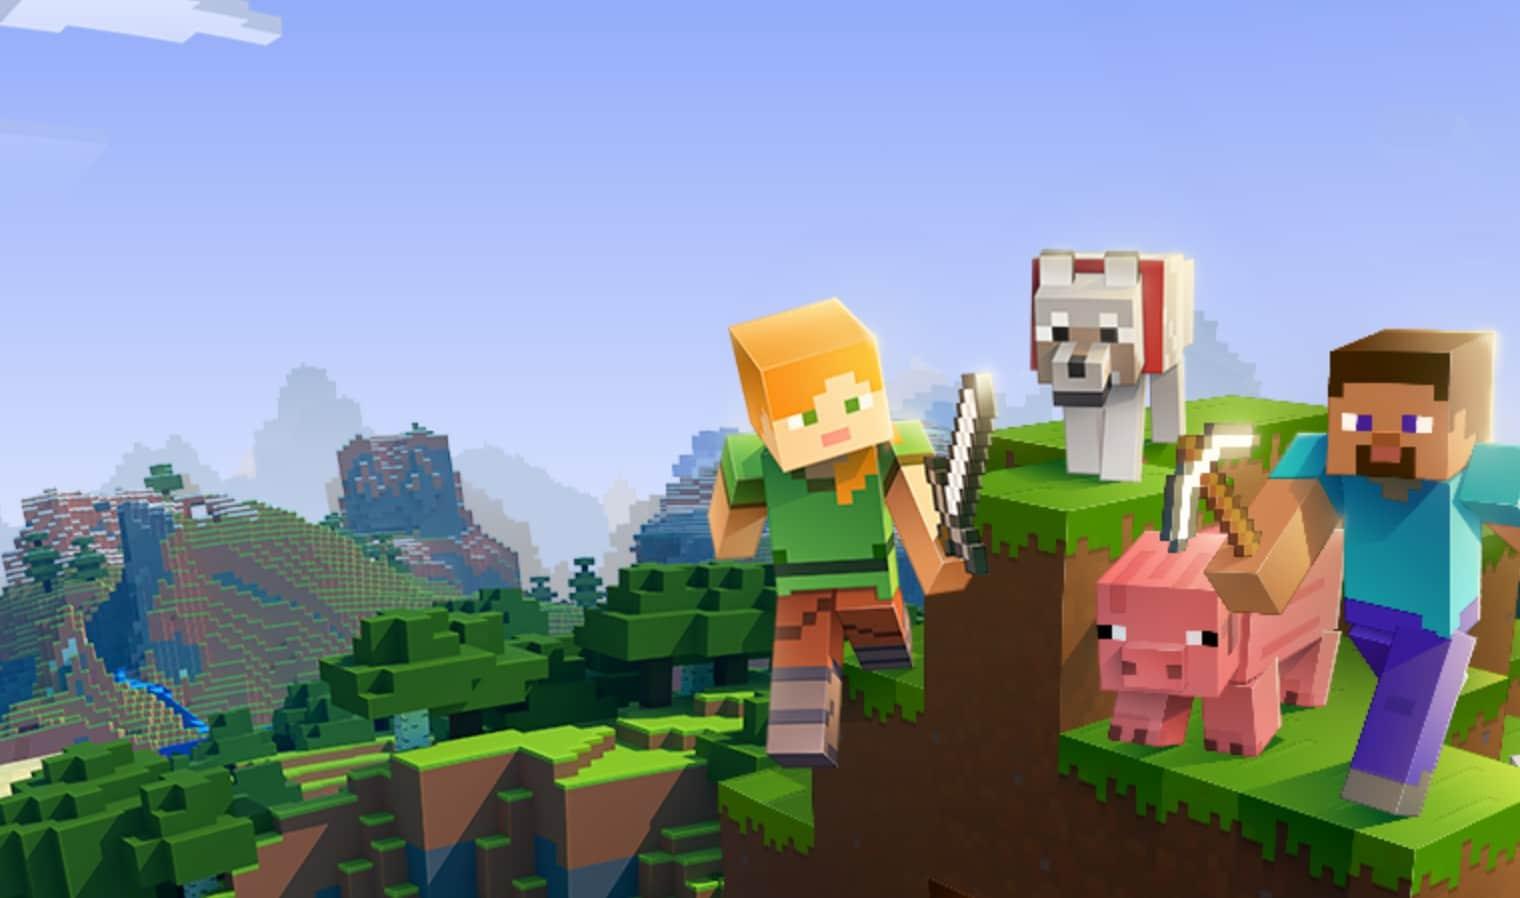 Minecraft: Wo gibt es kostenlose Versionen?